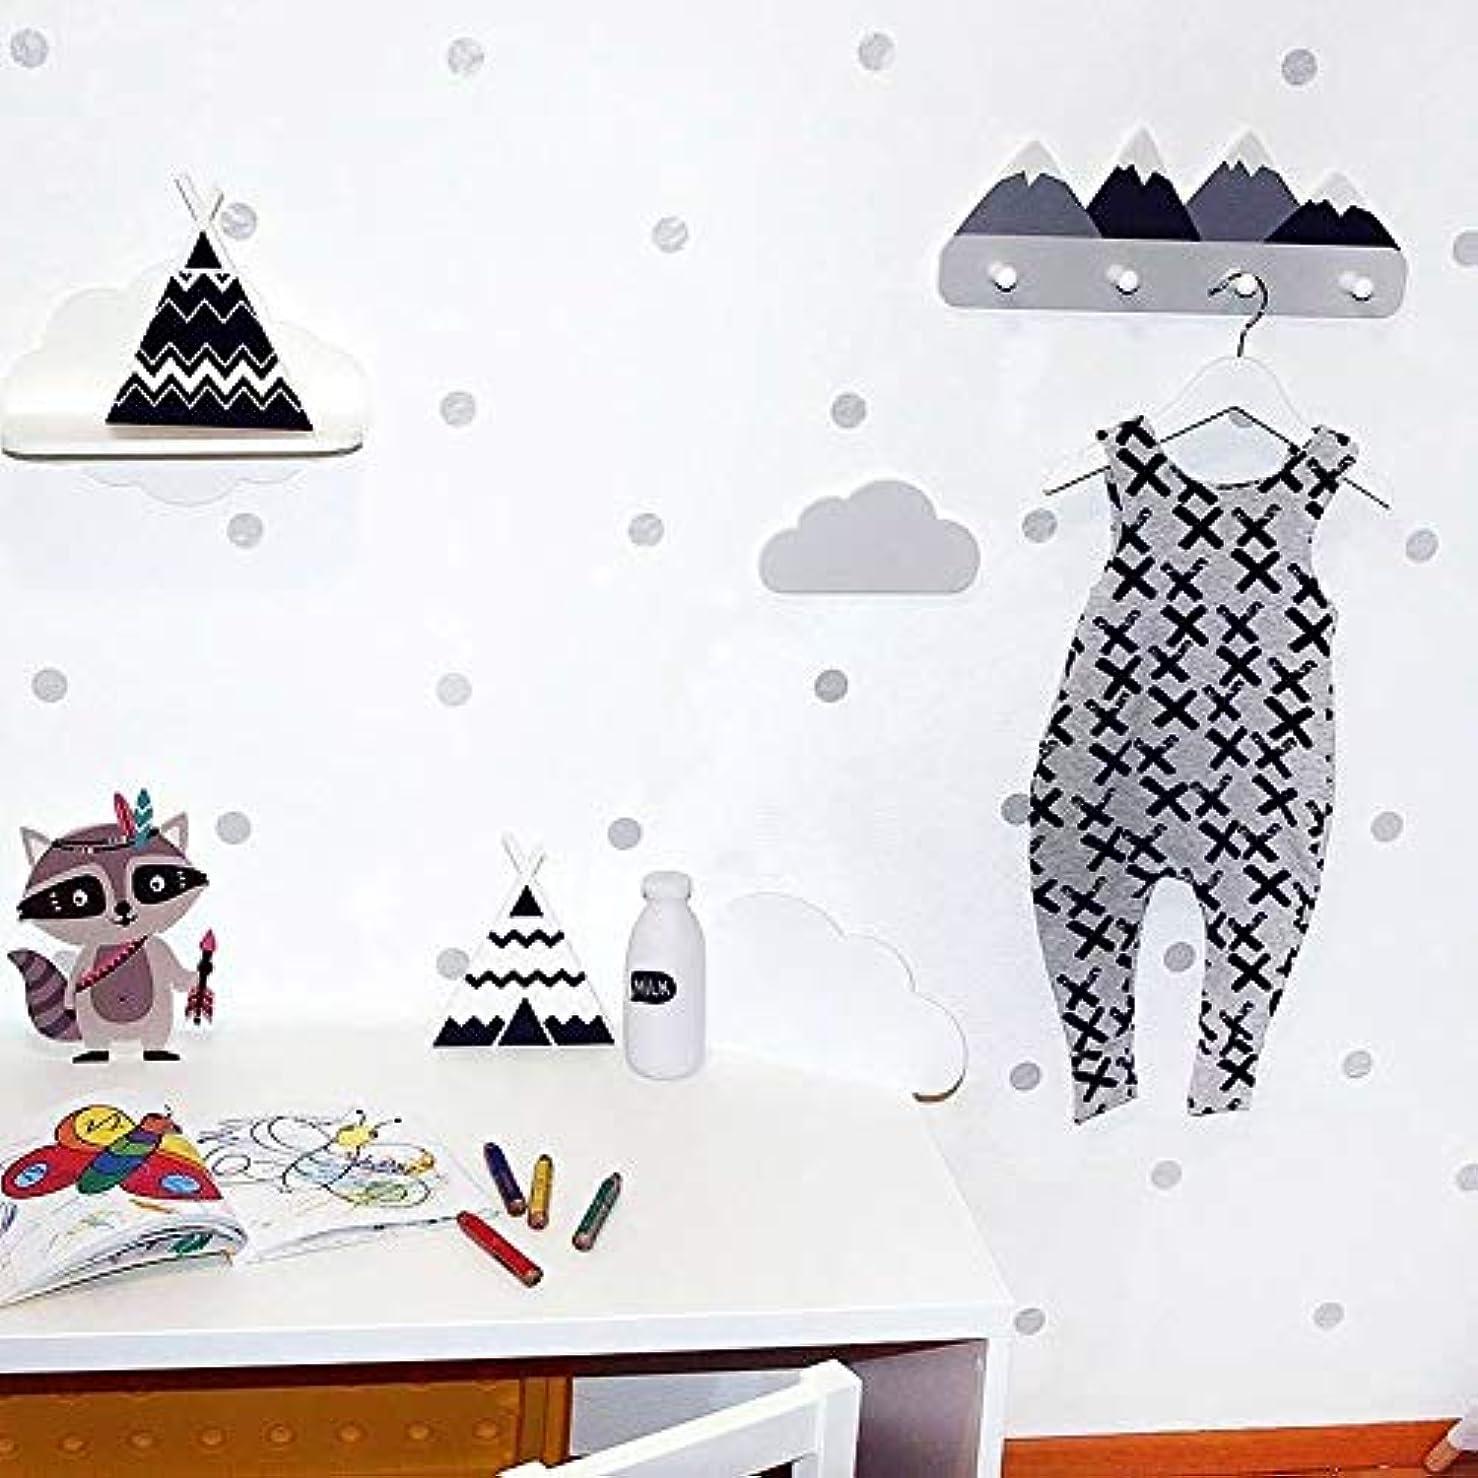 するバック資格北欧スタイル木製マウンテン子供コートラック幾何学的マウンテンアート棚用服4フックの1ピースキッズルームの装飾アイデアギフト (スノーマウンテン)